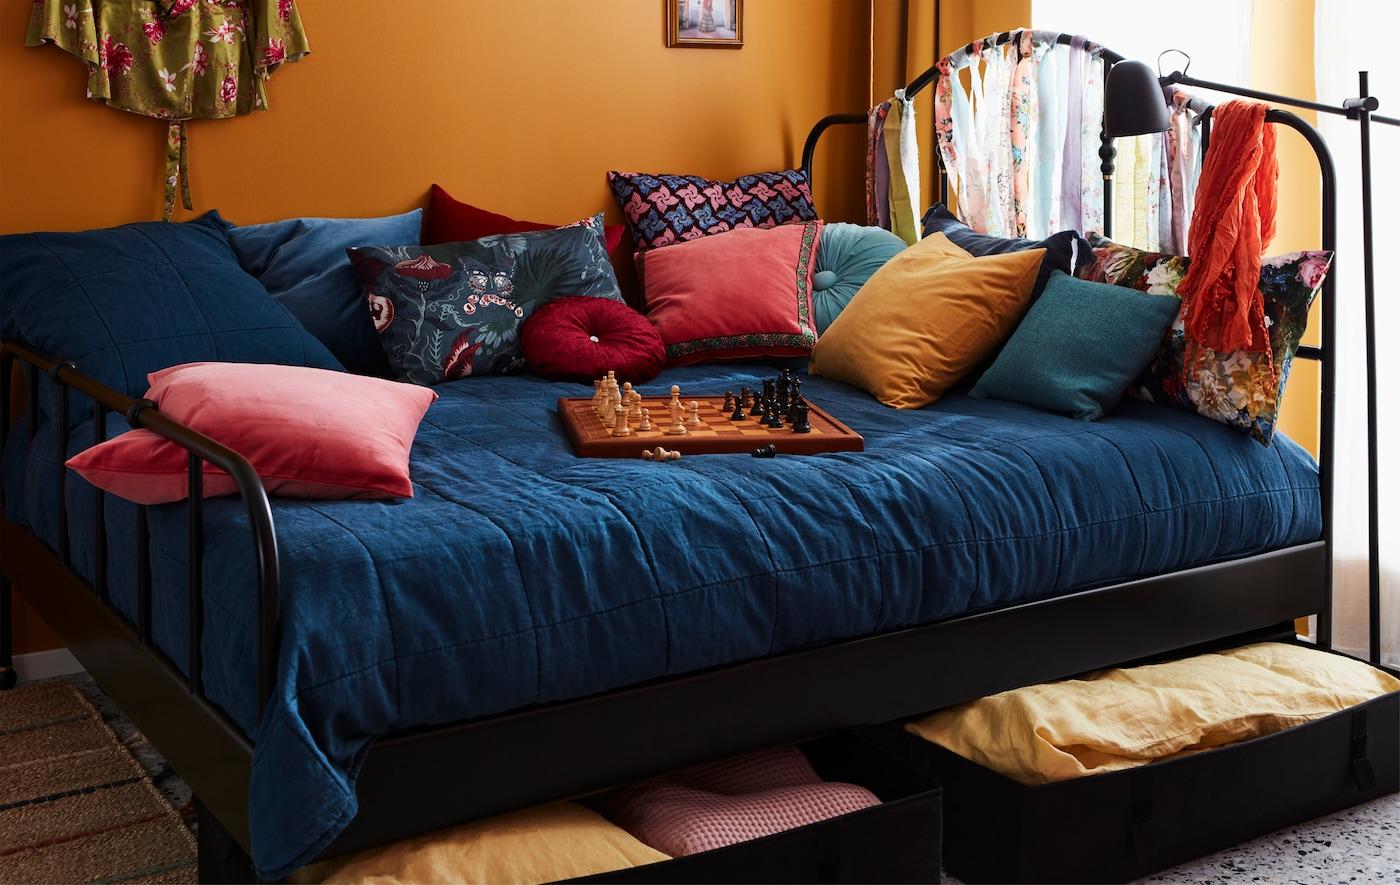 Bett mit bunten Kissen und einem Schachbrett darauf. Die Bettwäsche ist in Bettkästen unter dem Bett zu sehen.